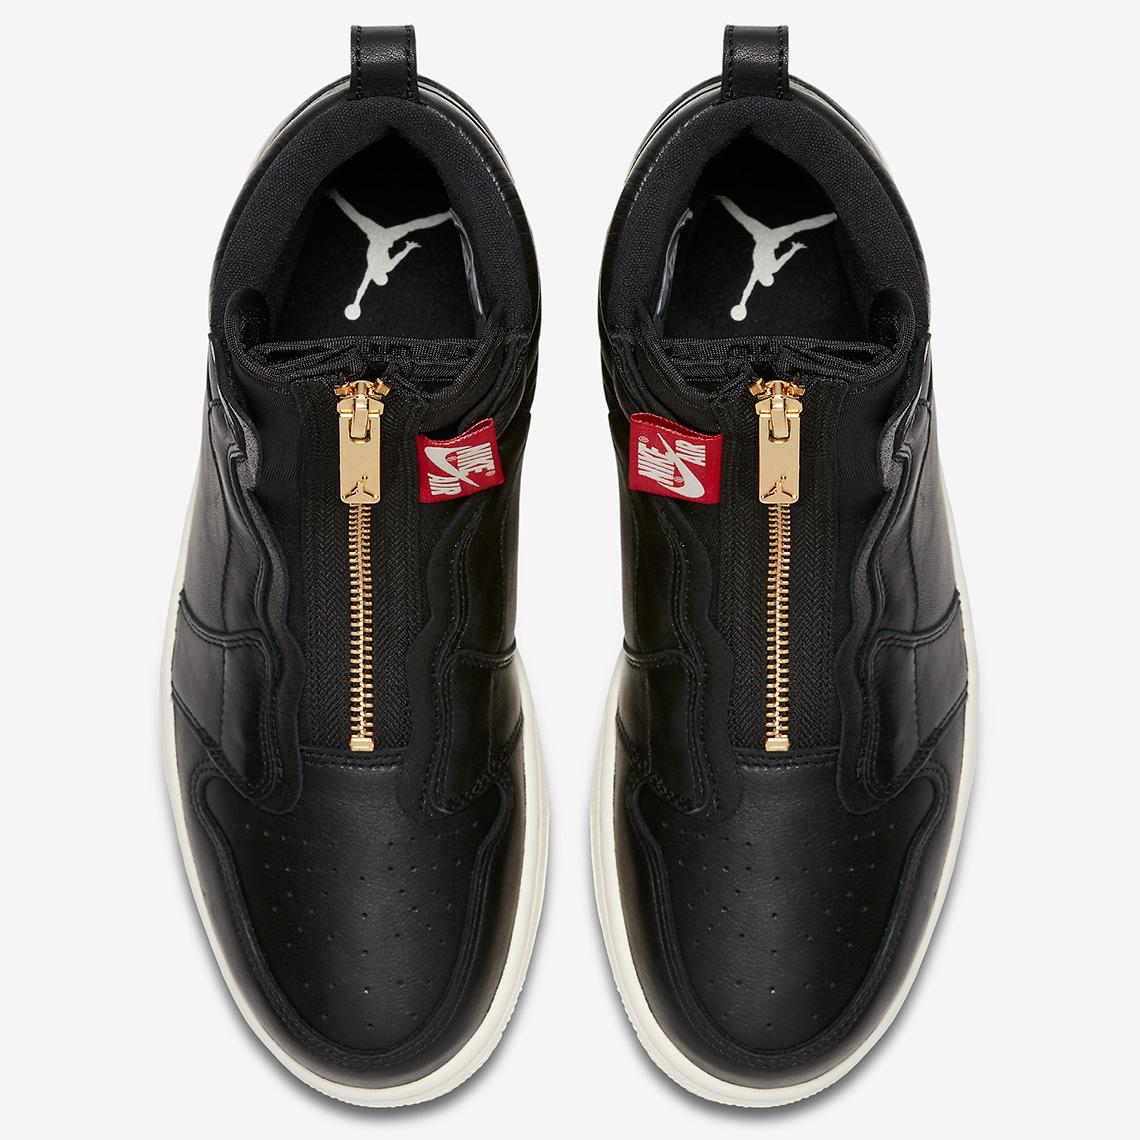 76c519a12ca ... discount air jordan 1 high zip release date march 8 2018 e5ac6 c007d